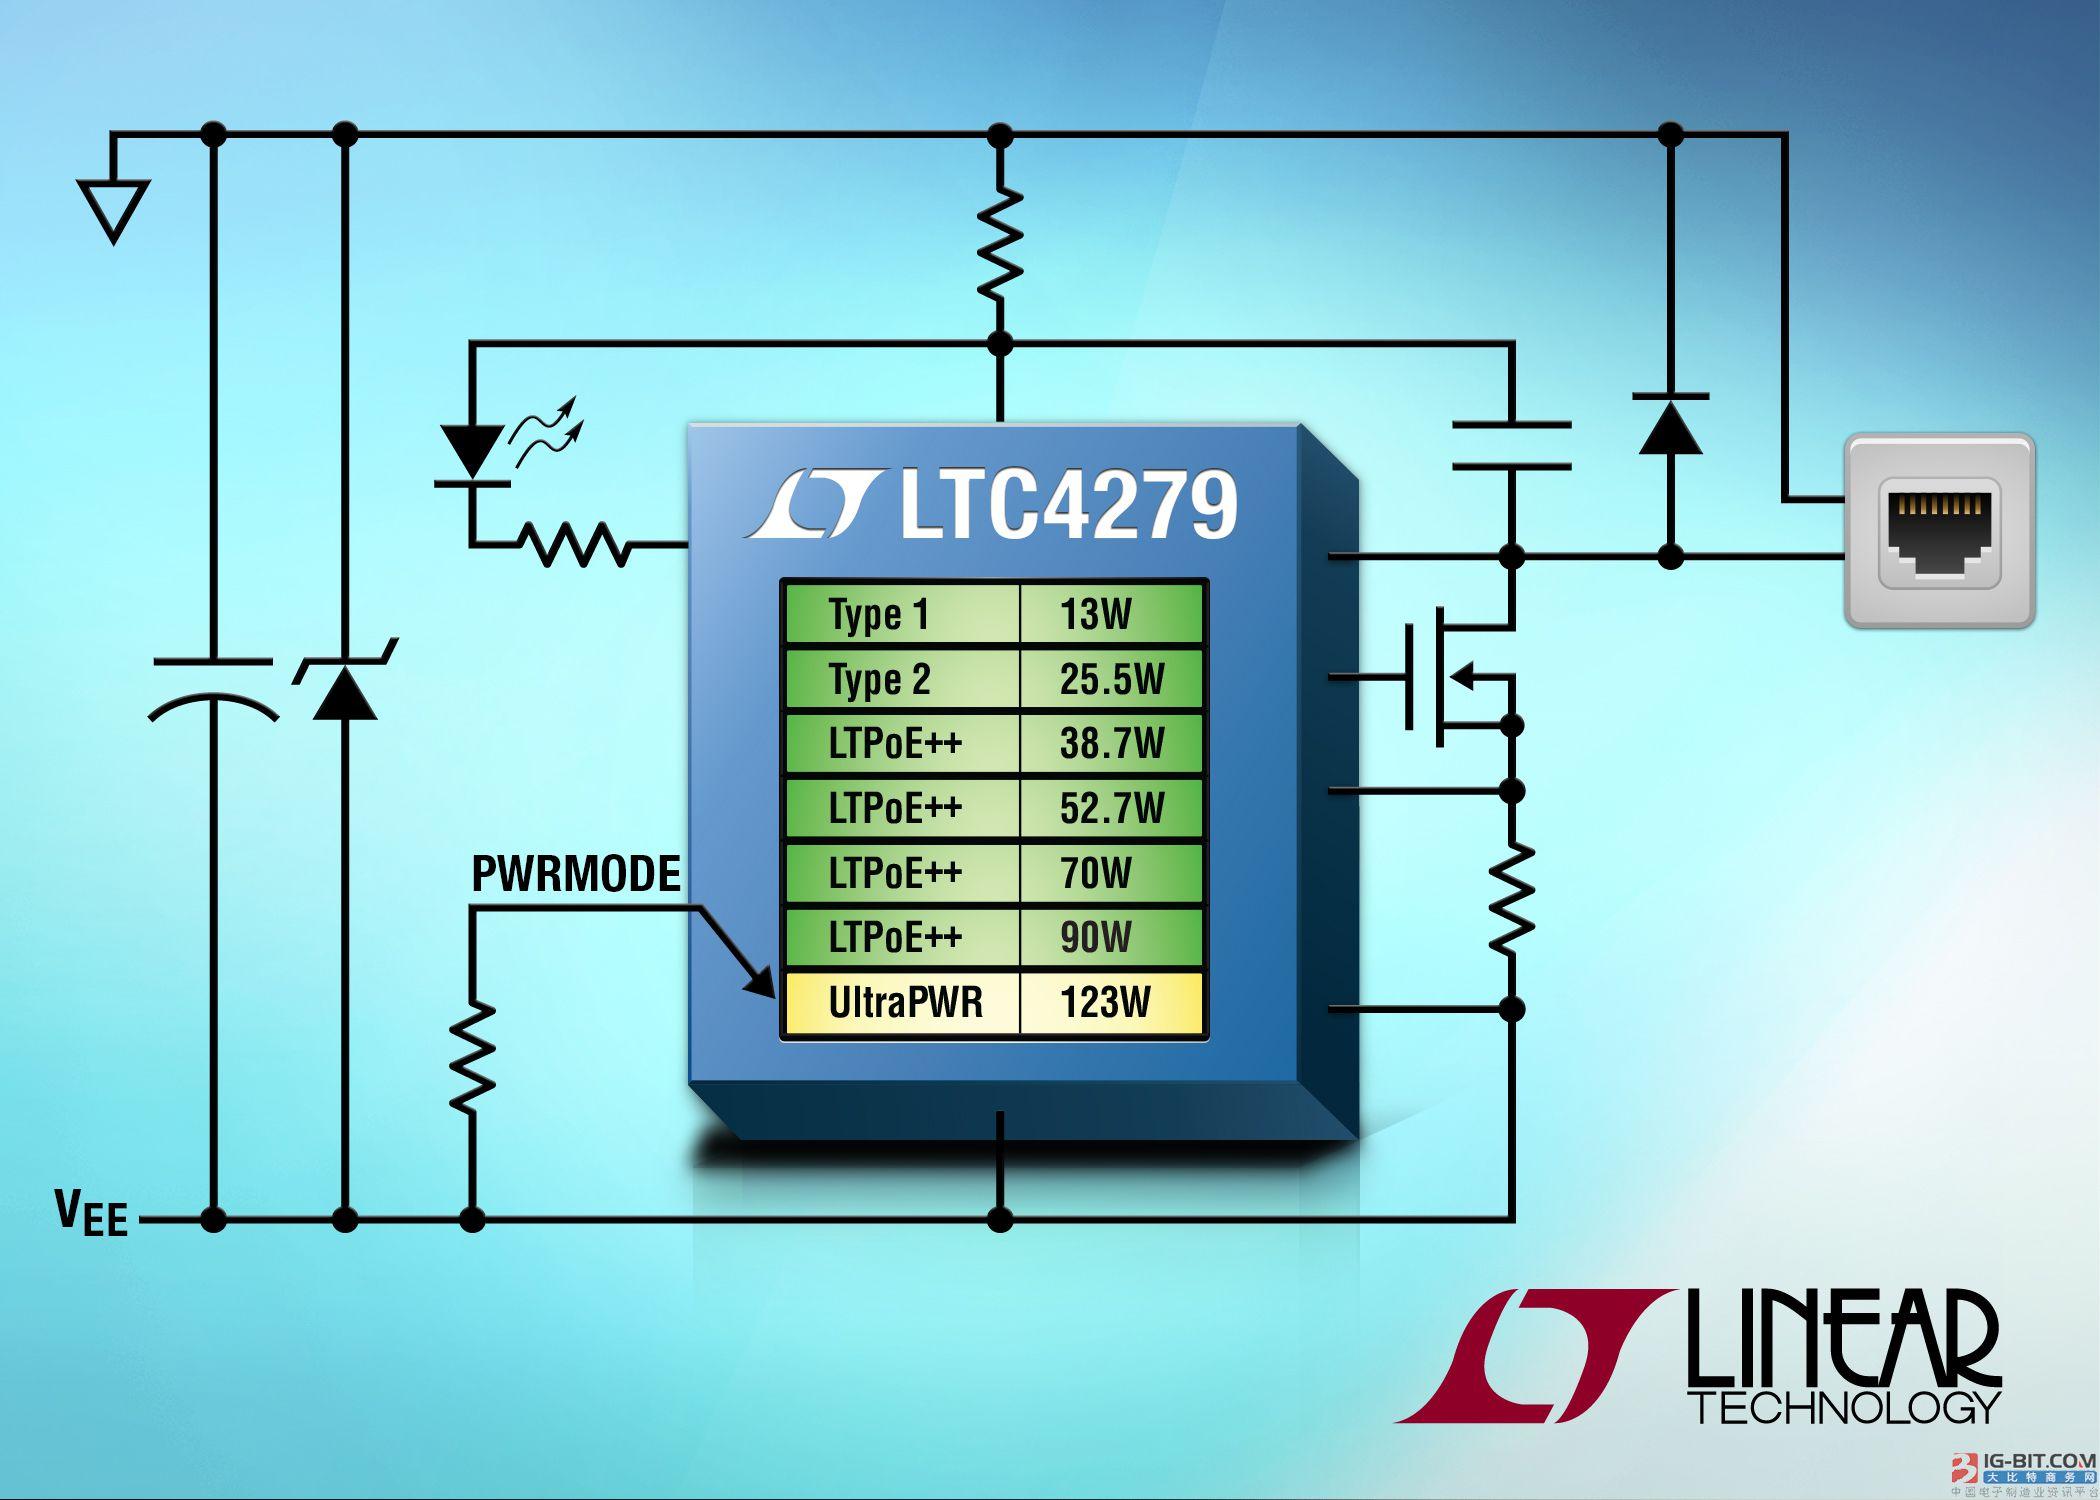 以太网供电 IC 通过 1Gbps CAT5e 电缆提供 123W 功率